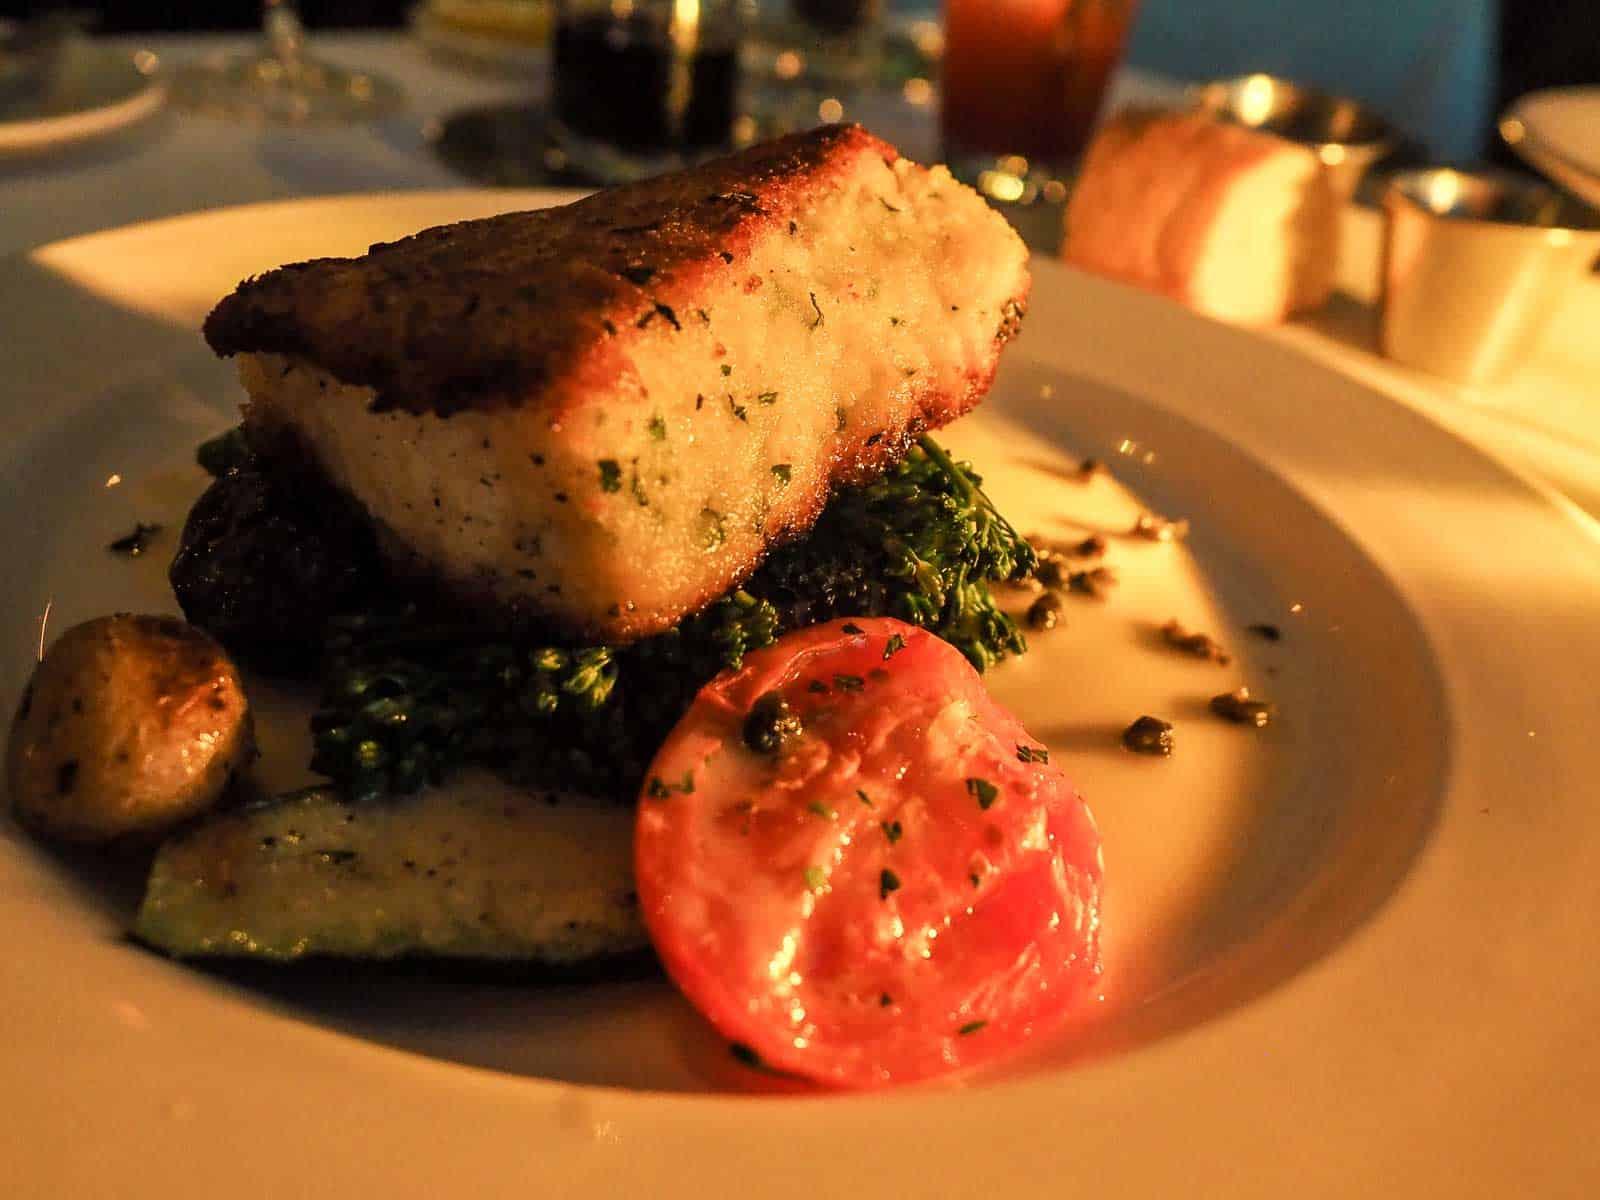 Sablefisch, ein leckerer Abschluss eines wunderschönen Abends im Teahouse in Stanley Park. FotoTobias Barth